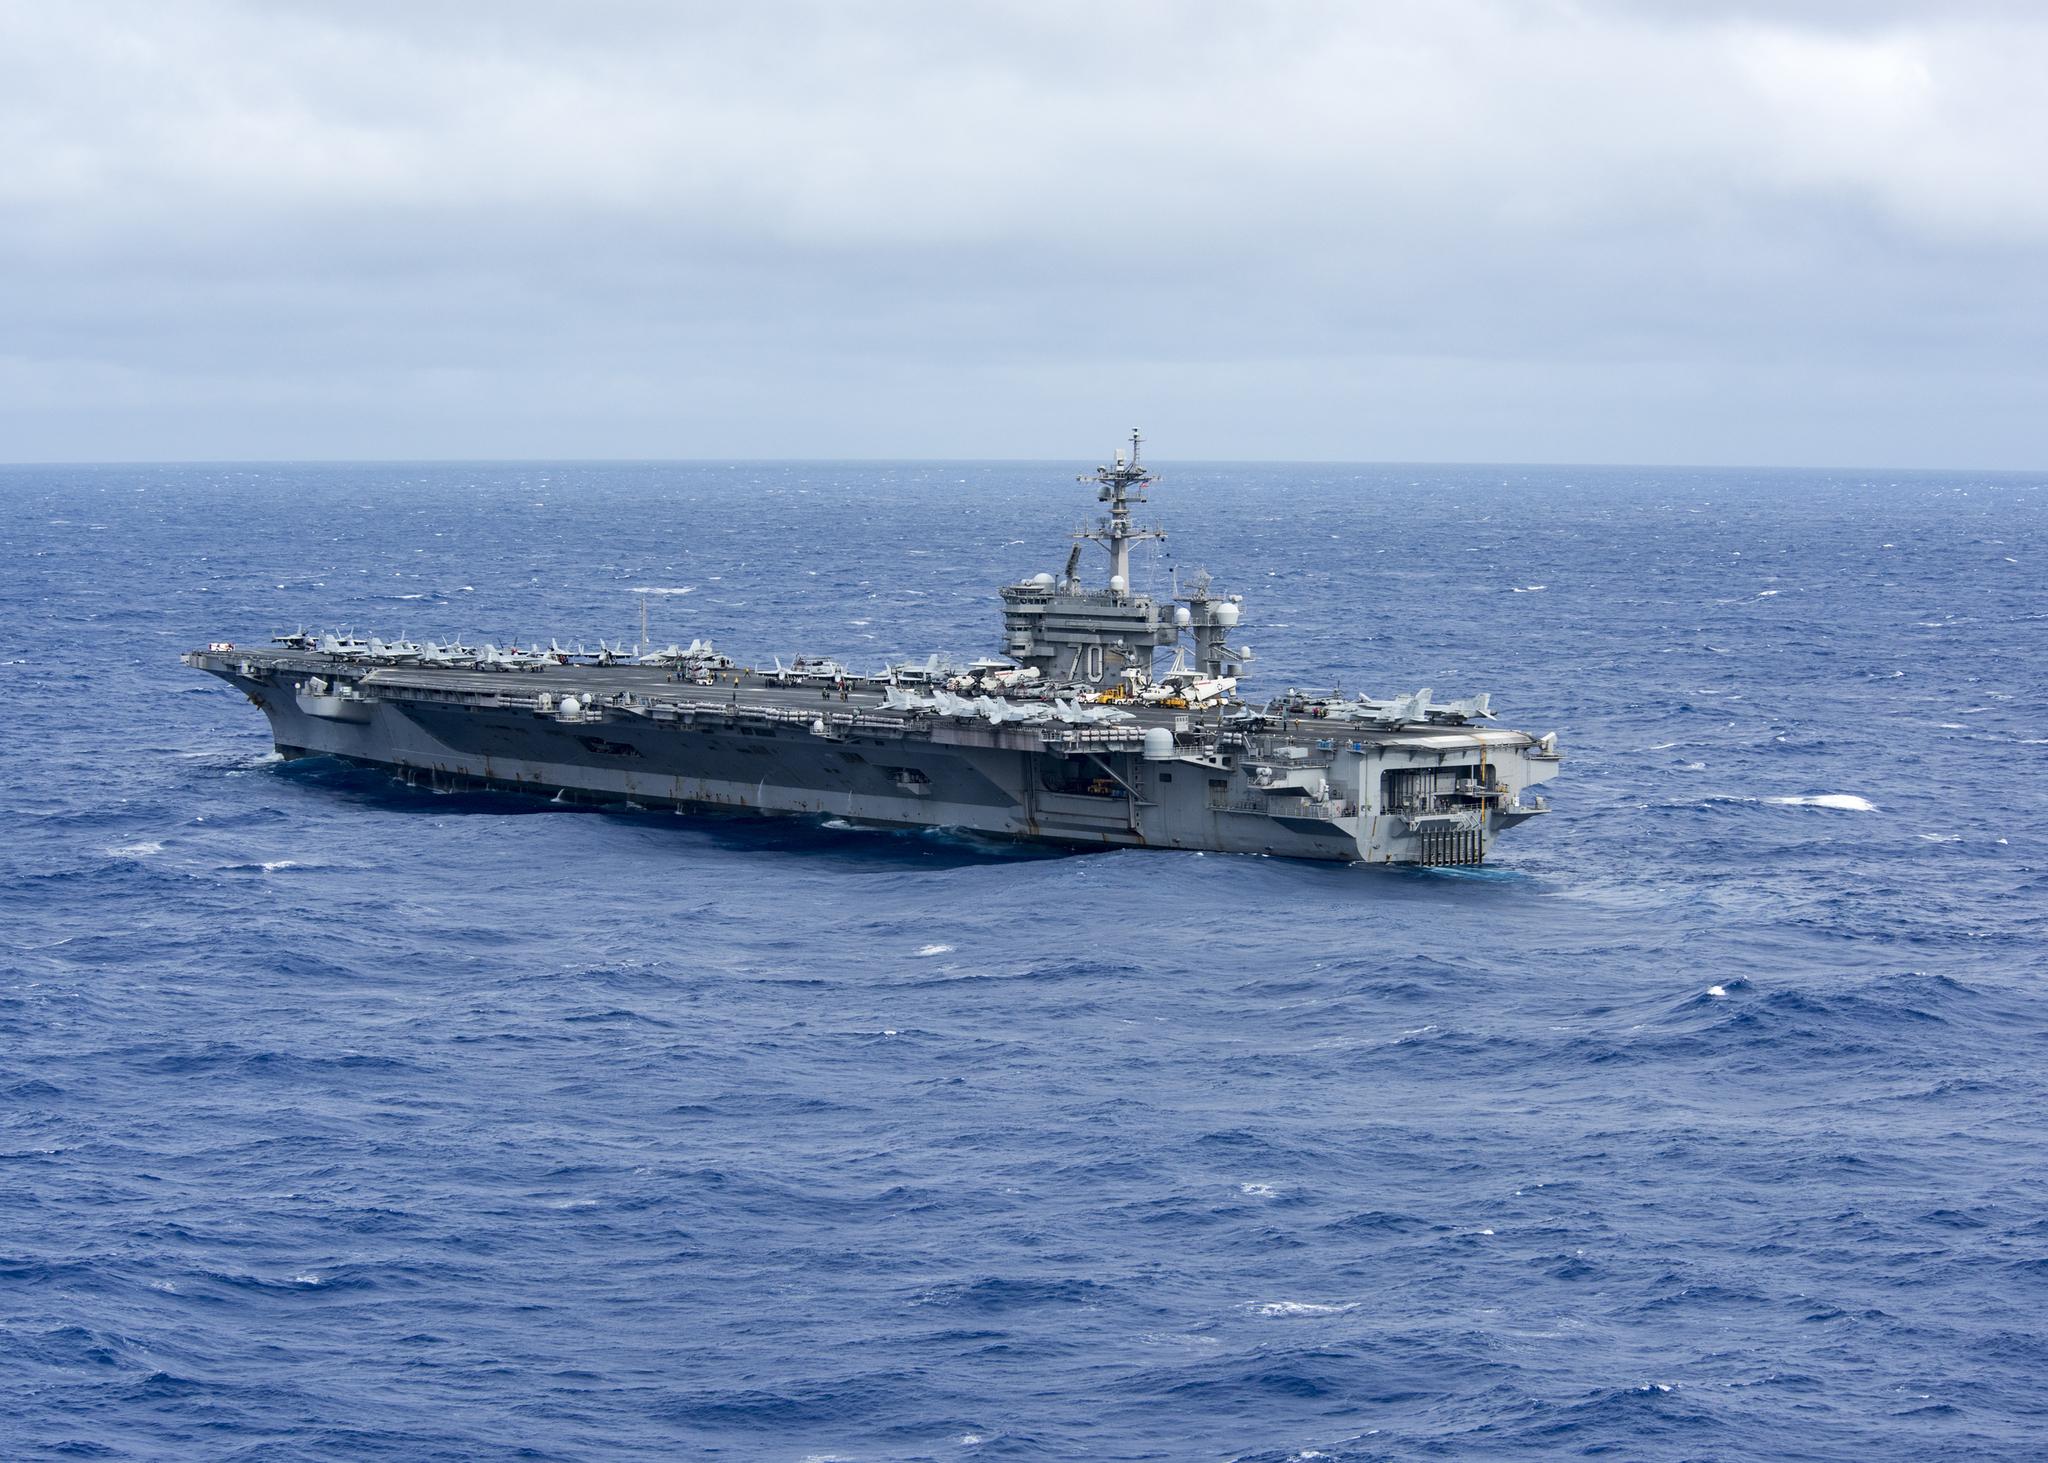 남중국해에서 작전 중인 미 해군의 니미츠급 핵항모 칼빈슨함(CVN-70). [사진 미 해군]